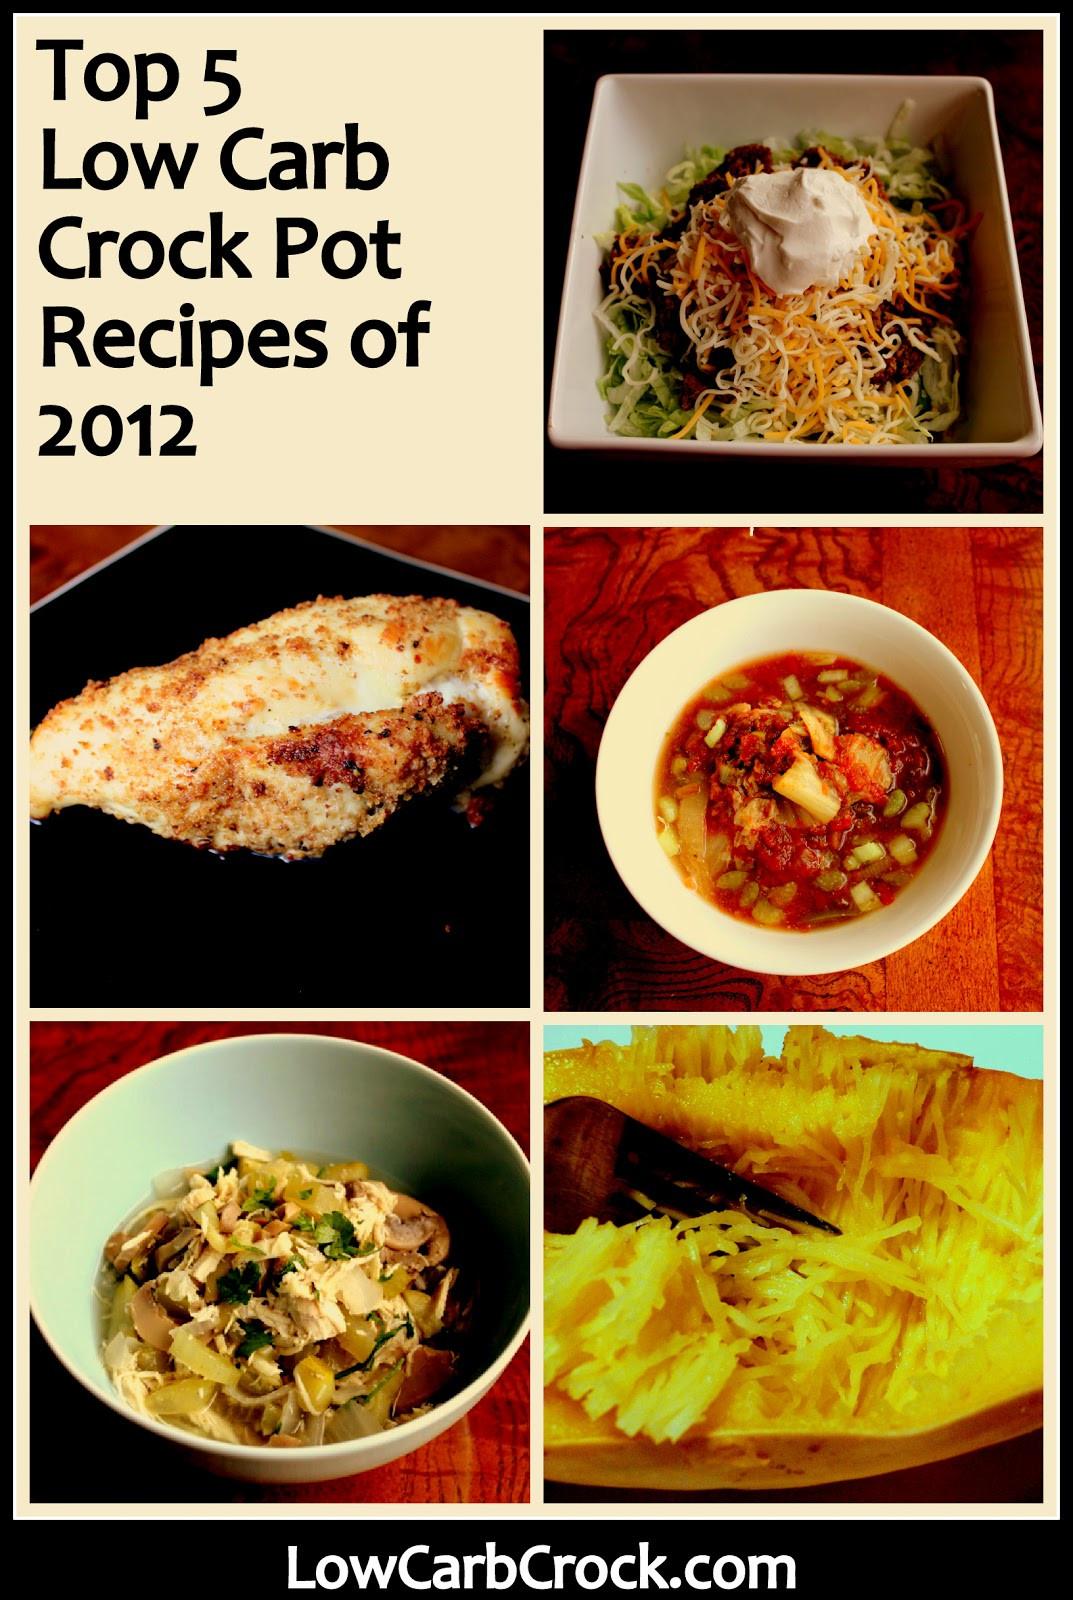 Crockpot Low Carb Recipes  Top 5 Low Carb Crock Pot Recipes of 2012